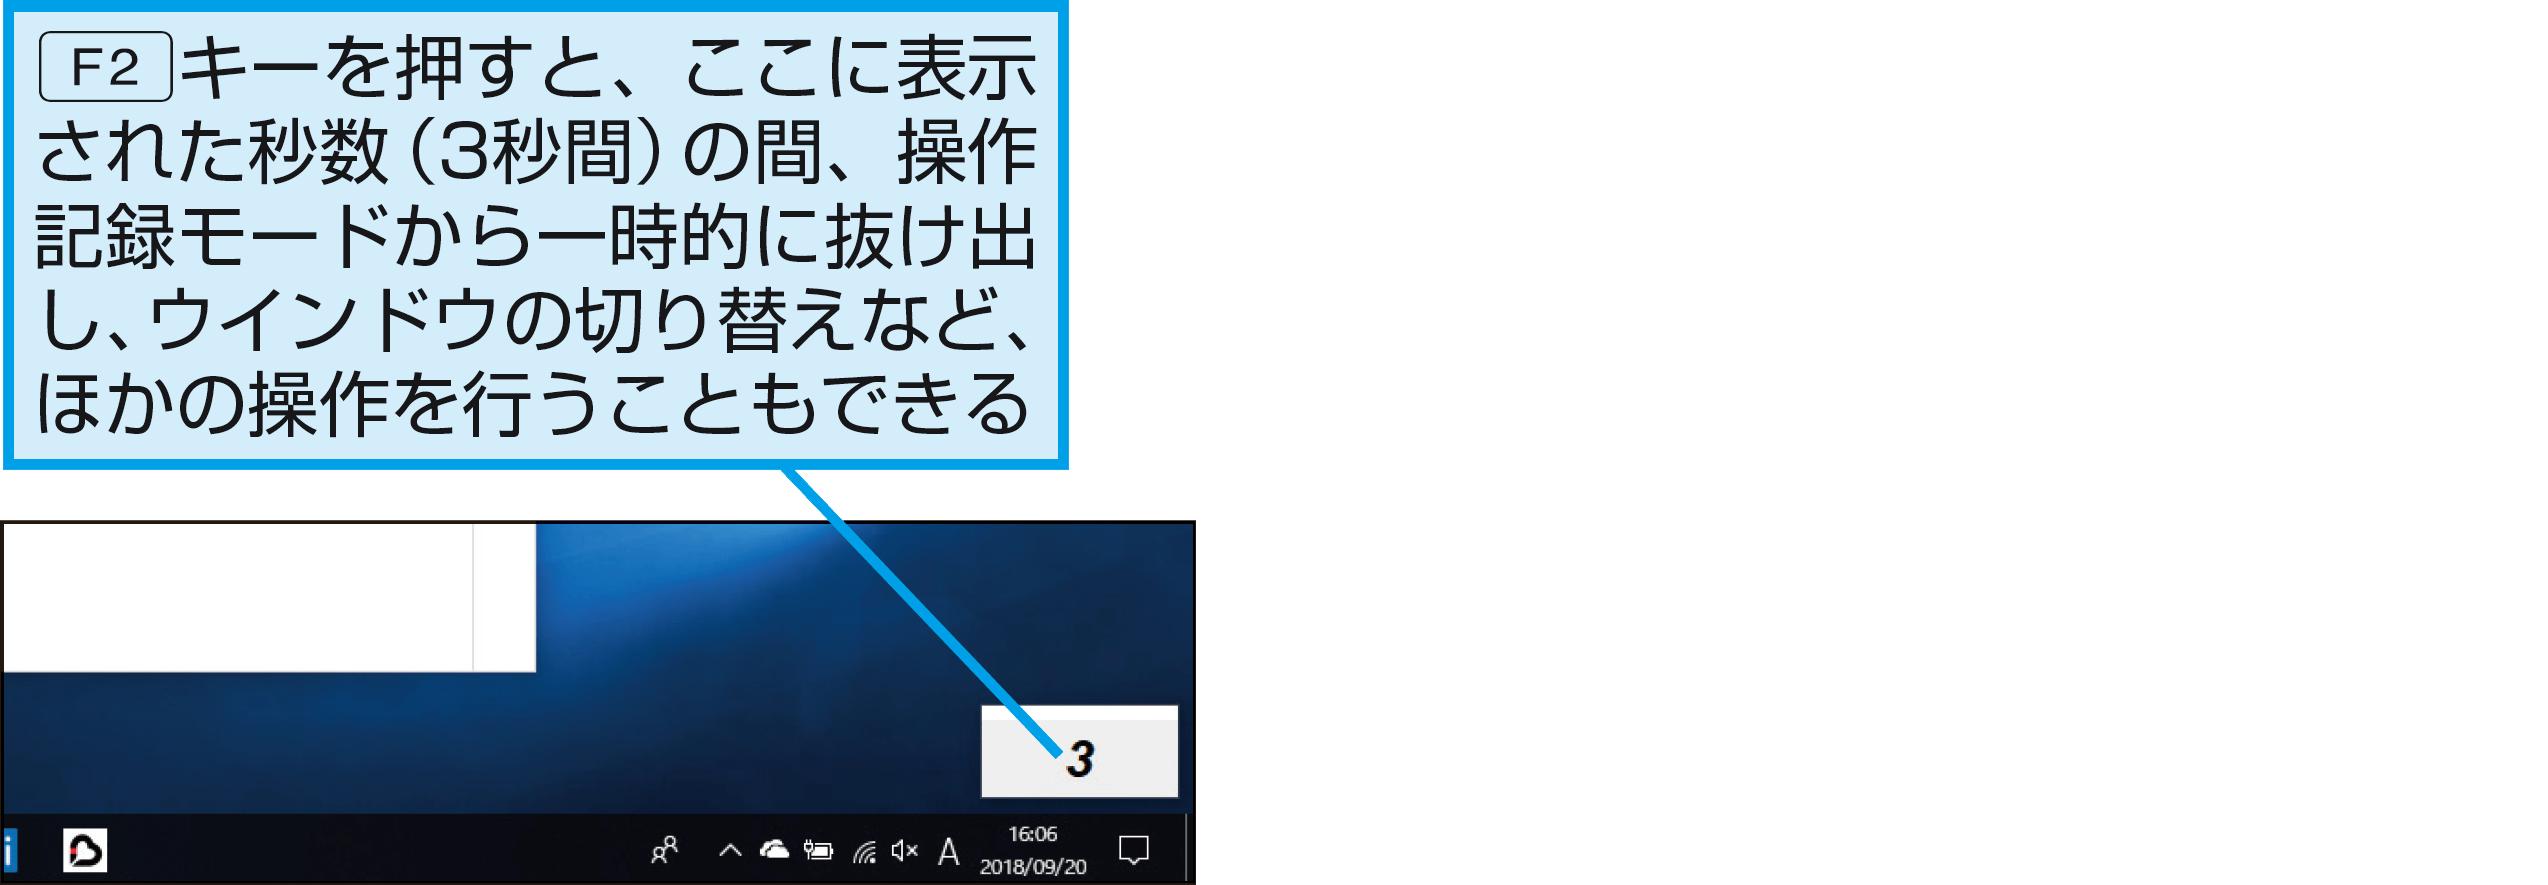 操作をレコーディングしてワークフローを作るには(操作のレコーディング) - できるUiPath